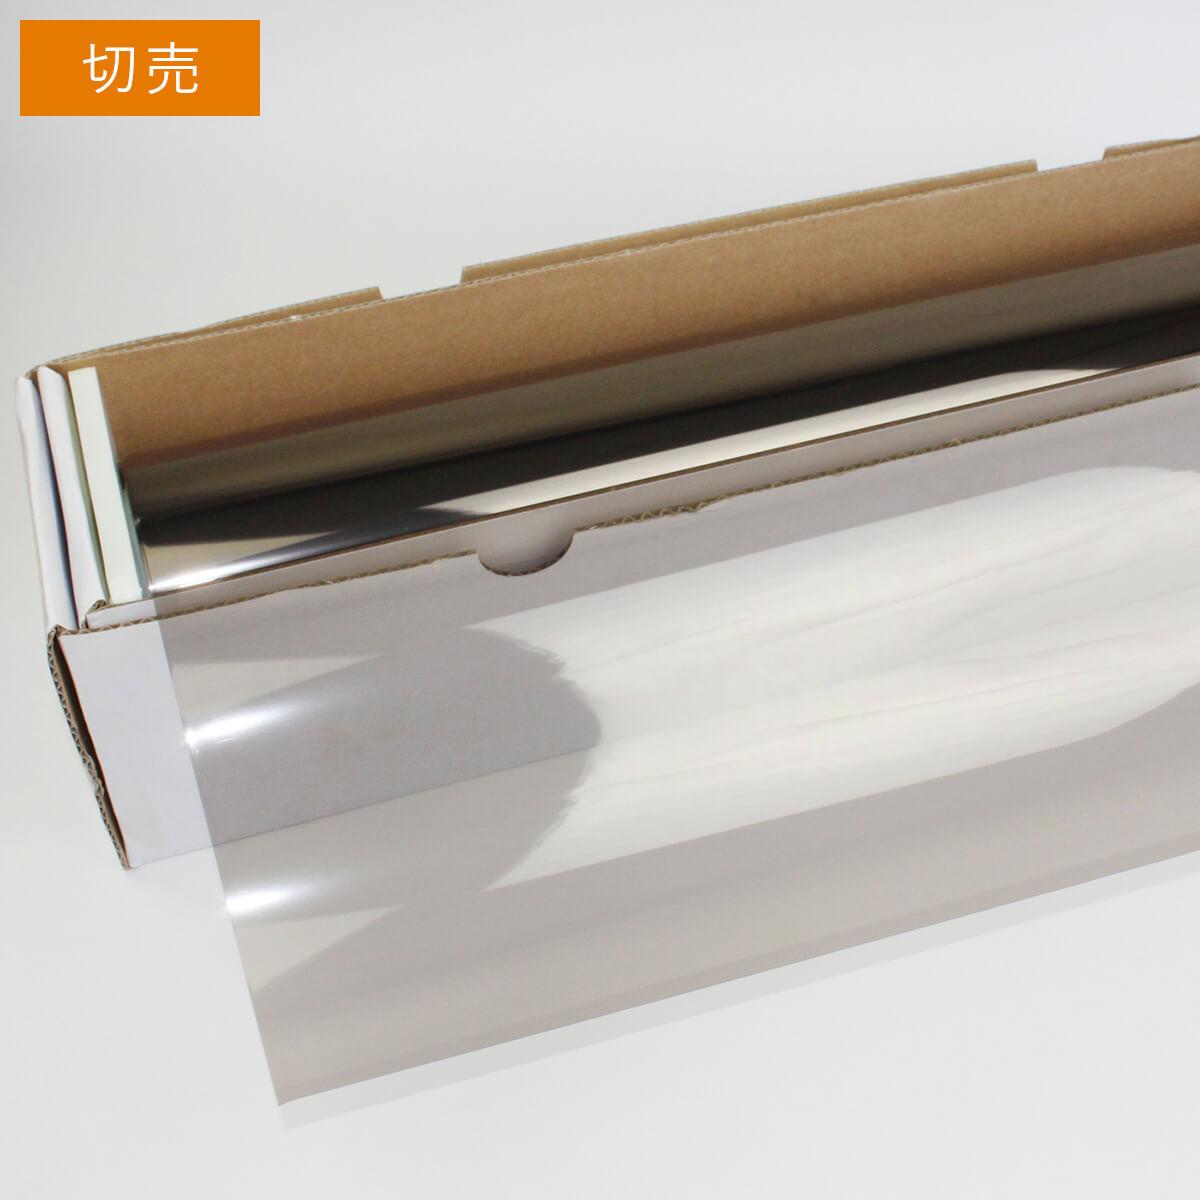 ウィンドウフィルム 窓ガラスフィルム SPブロンズメタル50(55%) 50cm幅×長さ1m単位切売 遮熱フィルム 断熱フィルム UVカットフィルム ブレインテック Braintec